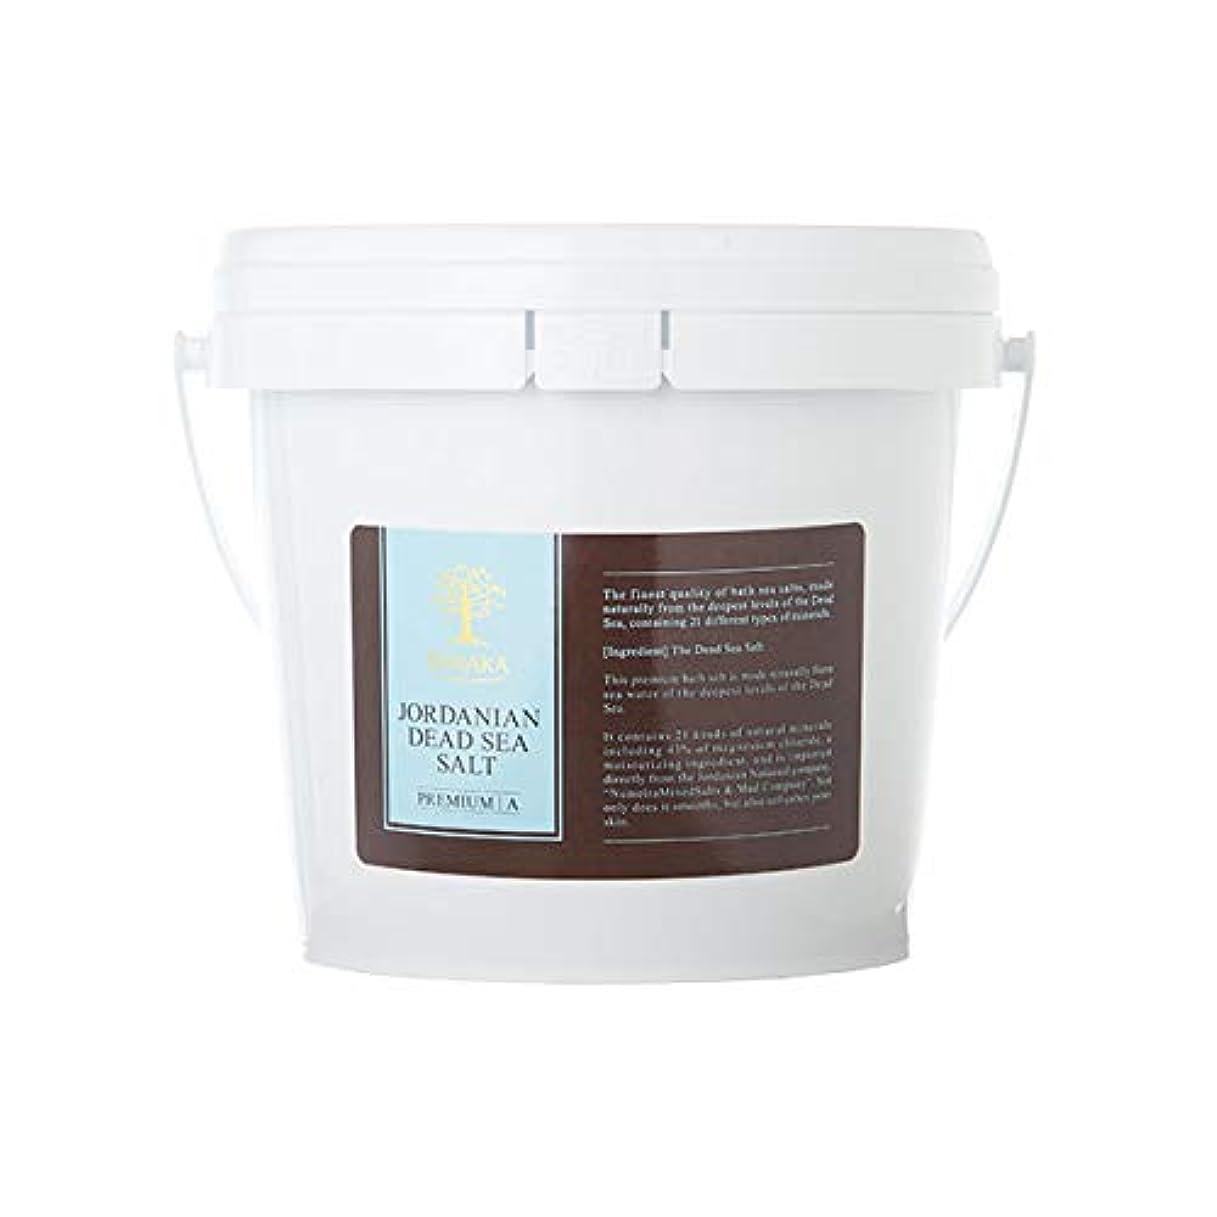 想像する管理します母BARAKA(バラカ) ジョルダニアン デッドシー ソルト バケツ 1.5kg バスソルト 入浴剤 ヨルダン産死海塩100%